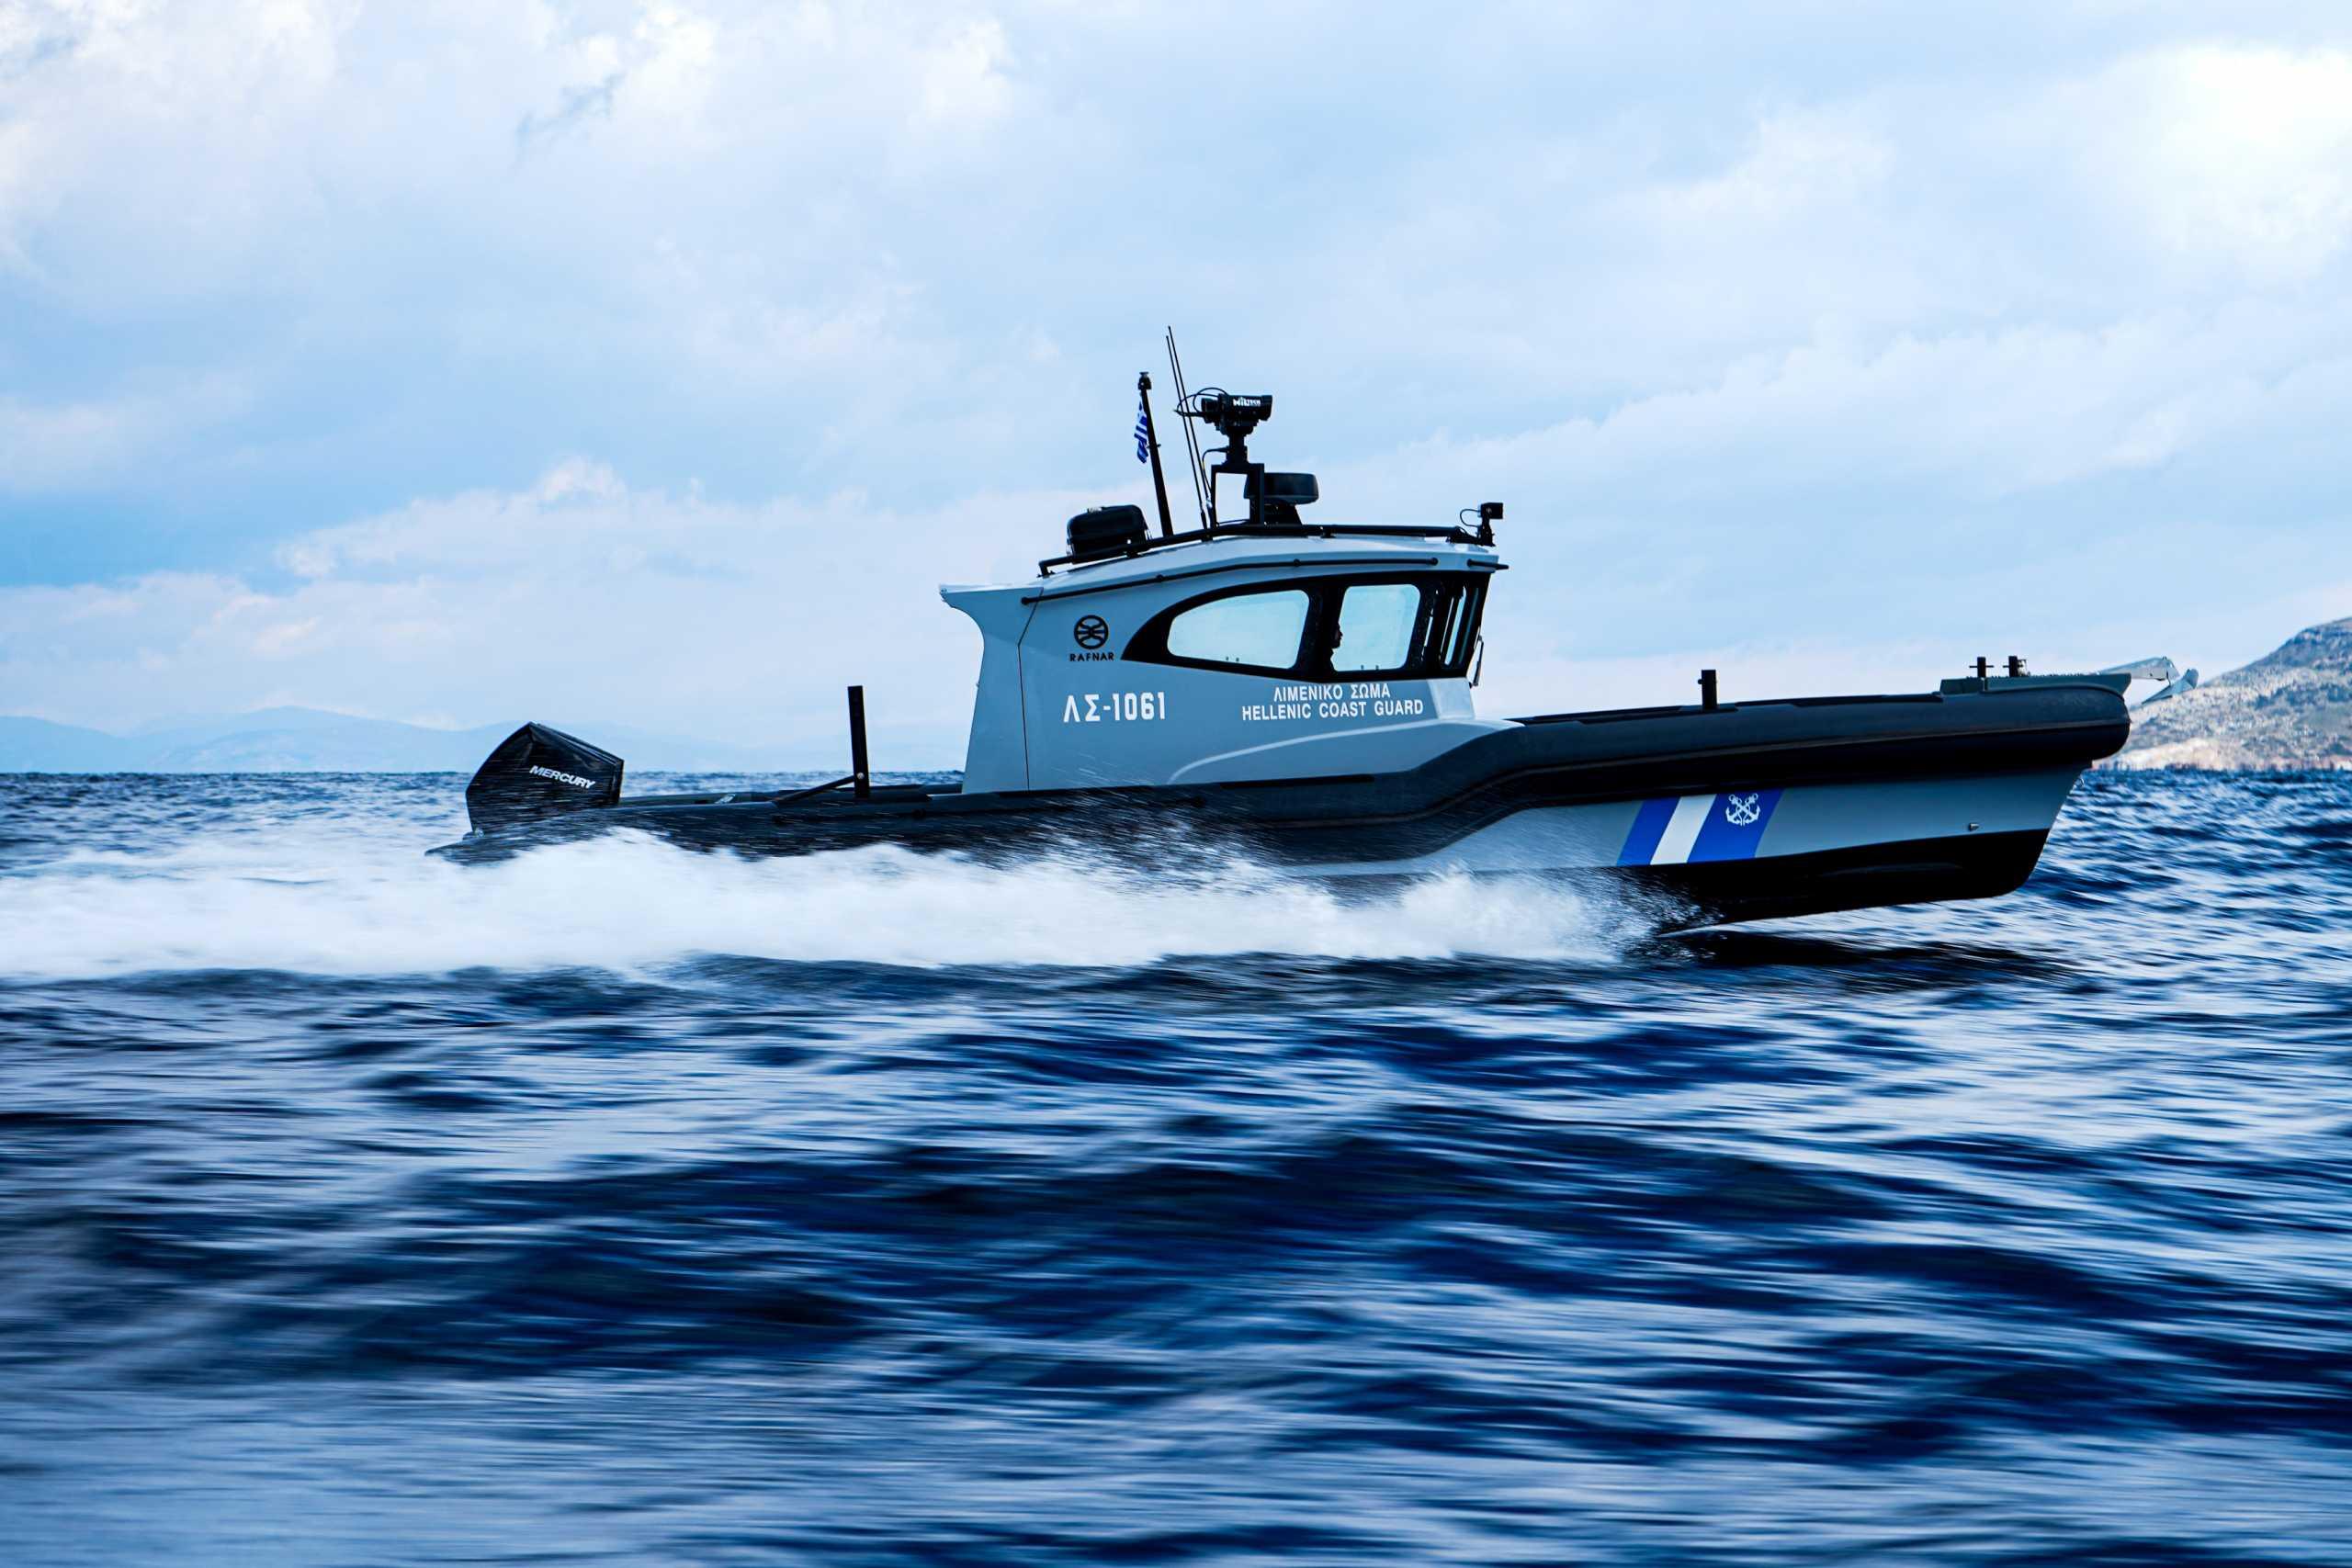 Ζάκυνθος: Σκάφος συγκρούστηκε με καταμαράν στην περιοχή Κερί